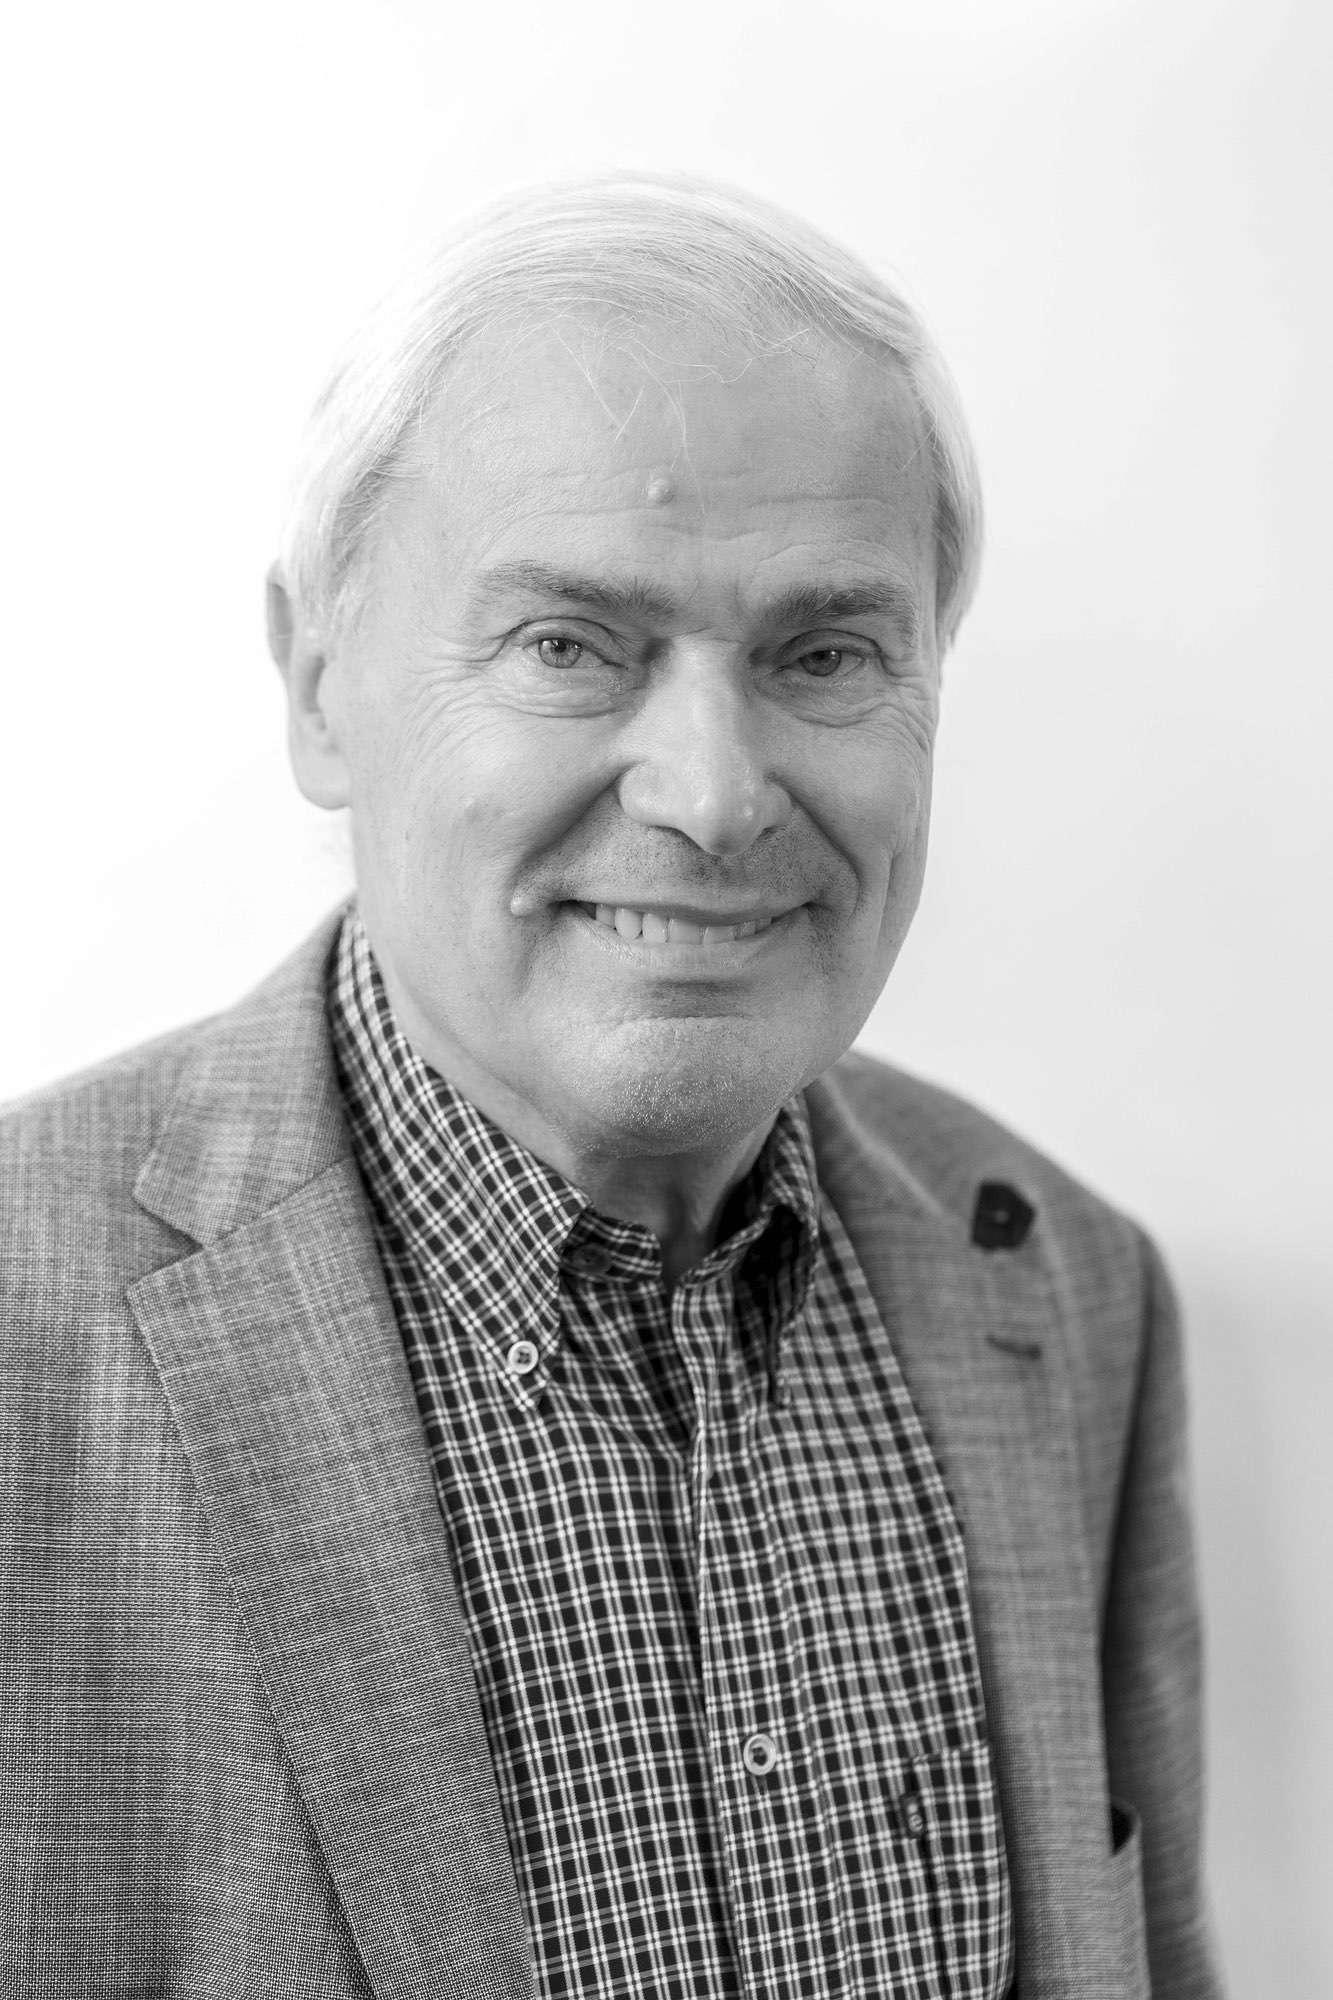 Hubert Mitteregger